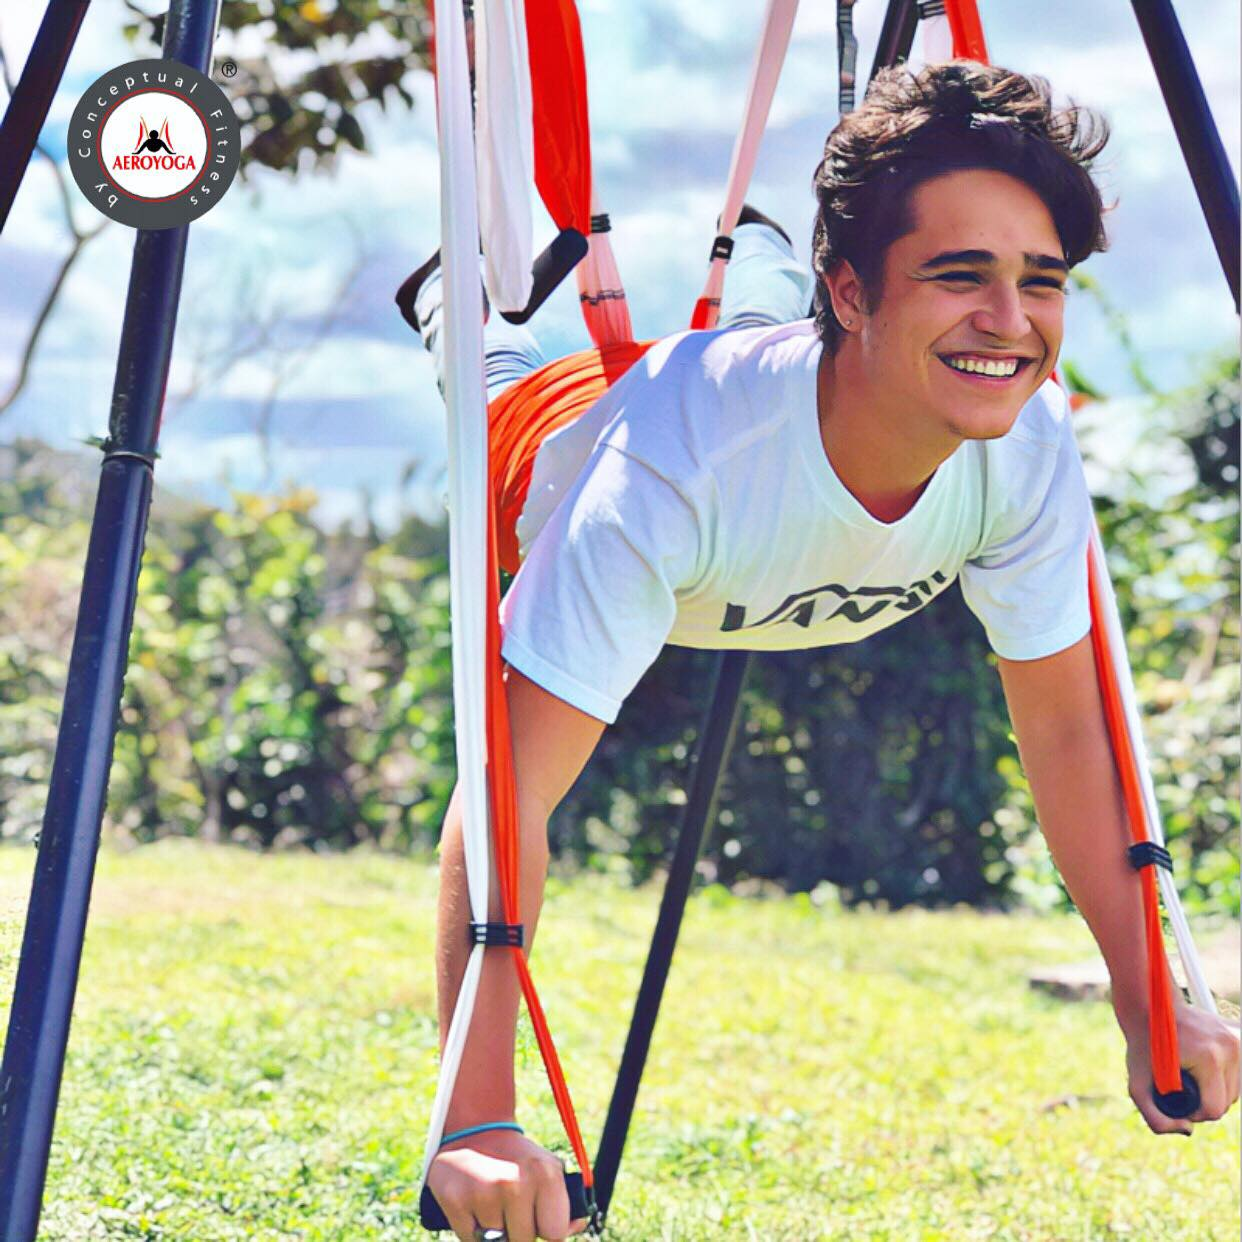 Air Yoga, Beneficios Salud, Cuerpo y Mente de la Cobra Aérea (Vaihayasa Bhujangasana)